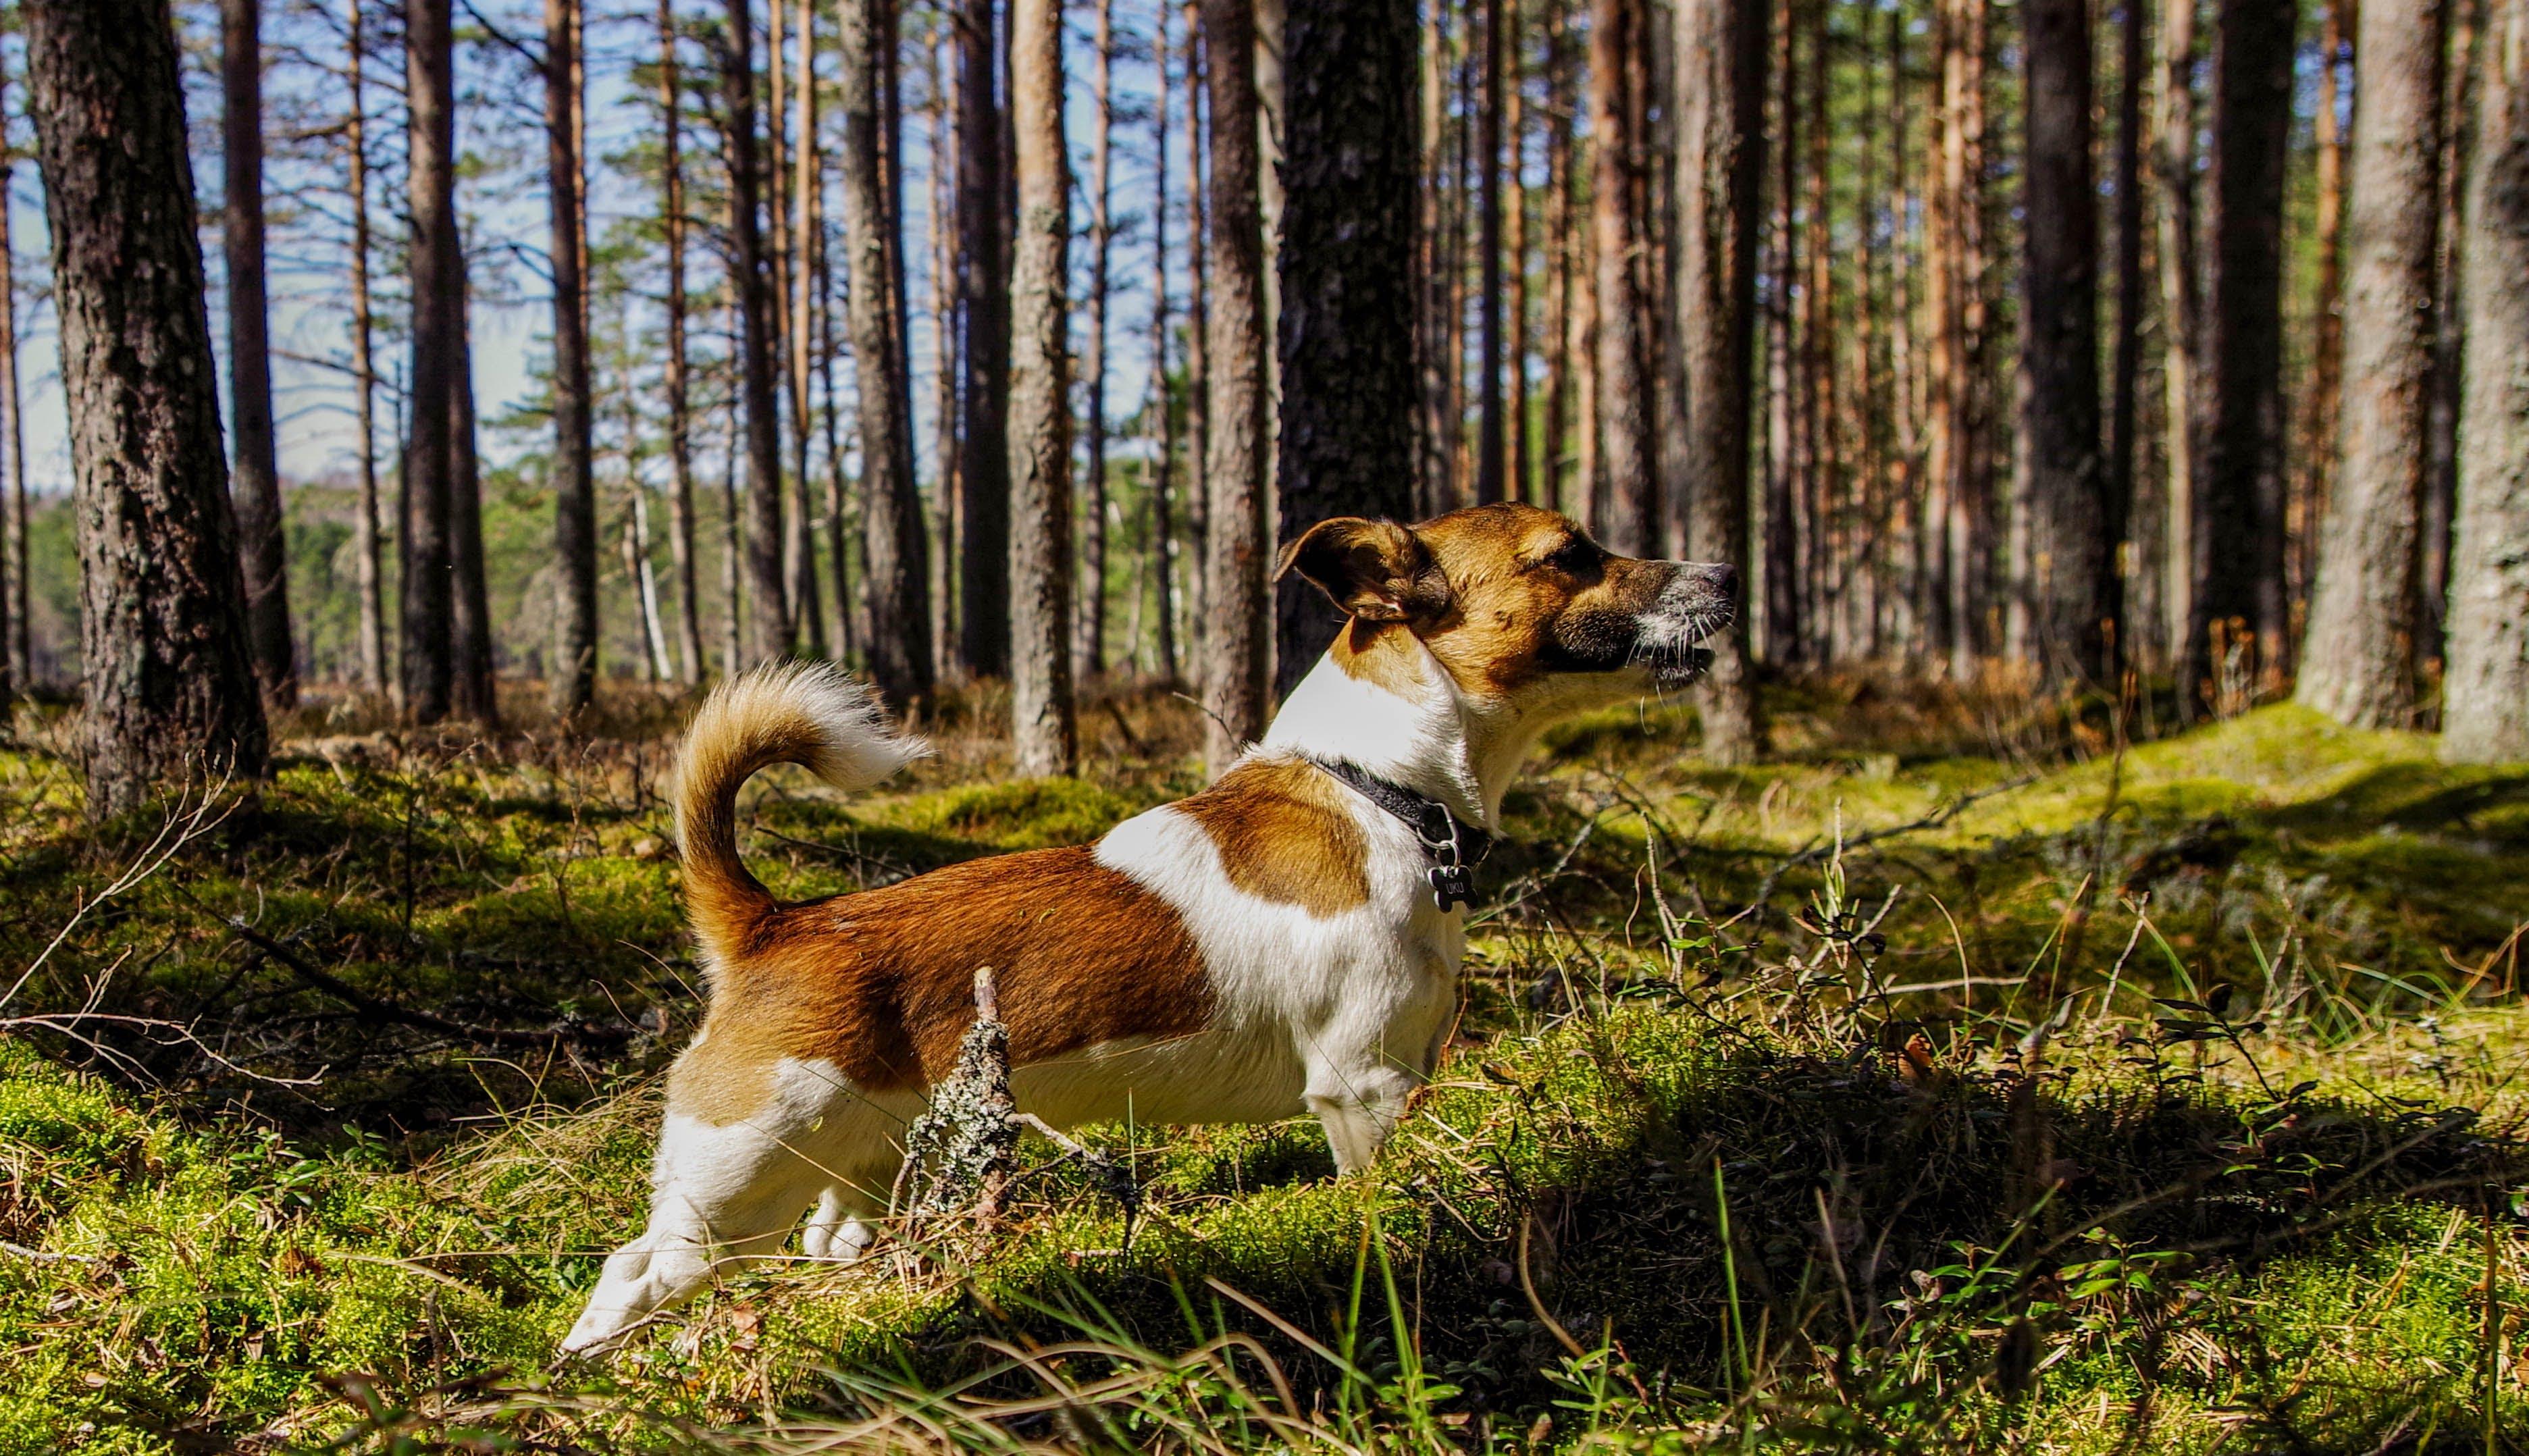 傑克羅素, 公園, 動物, 可愛 的 免费素材照片